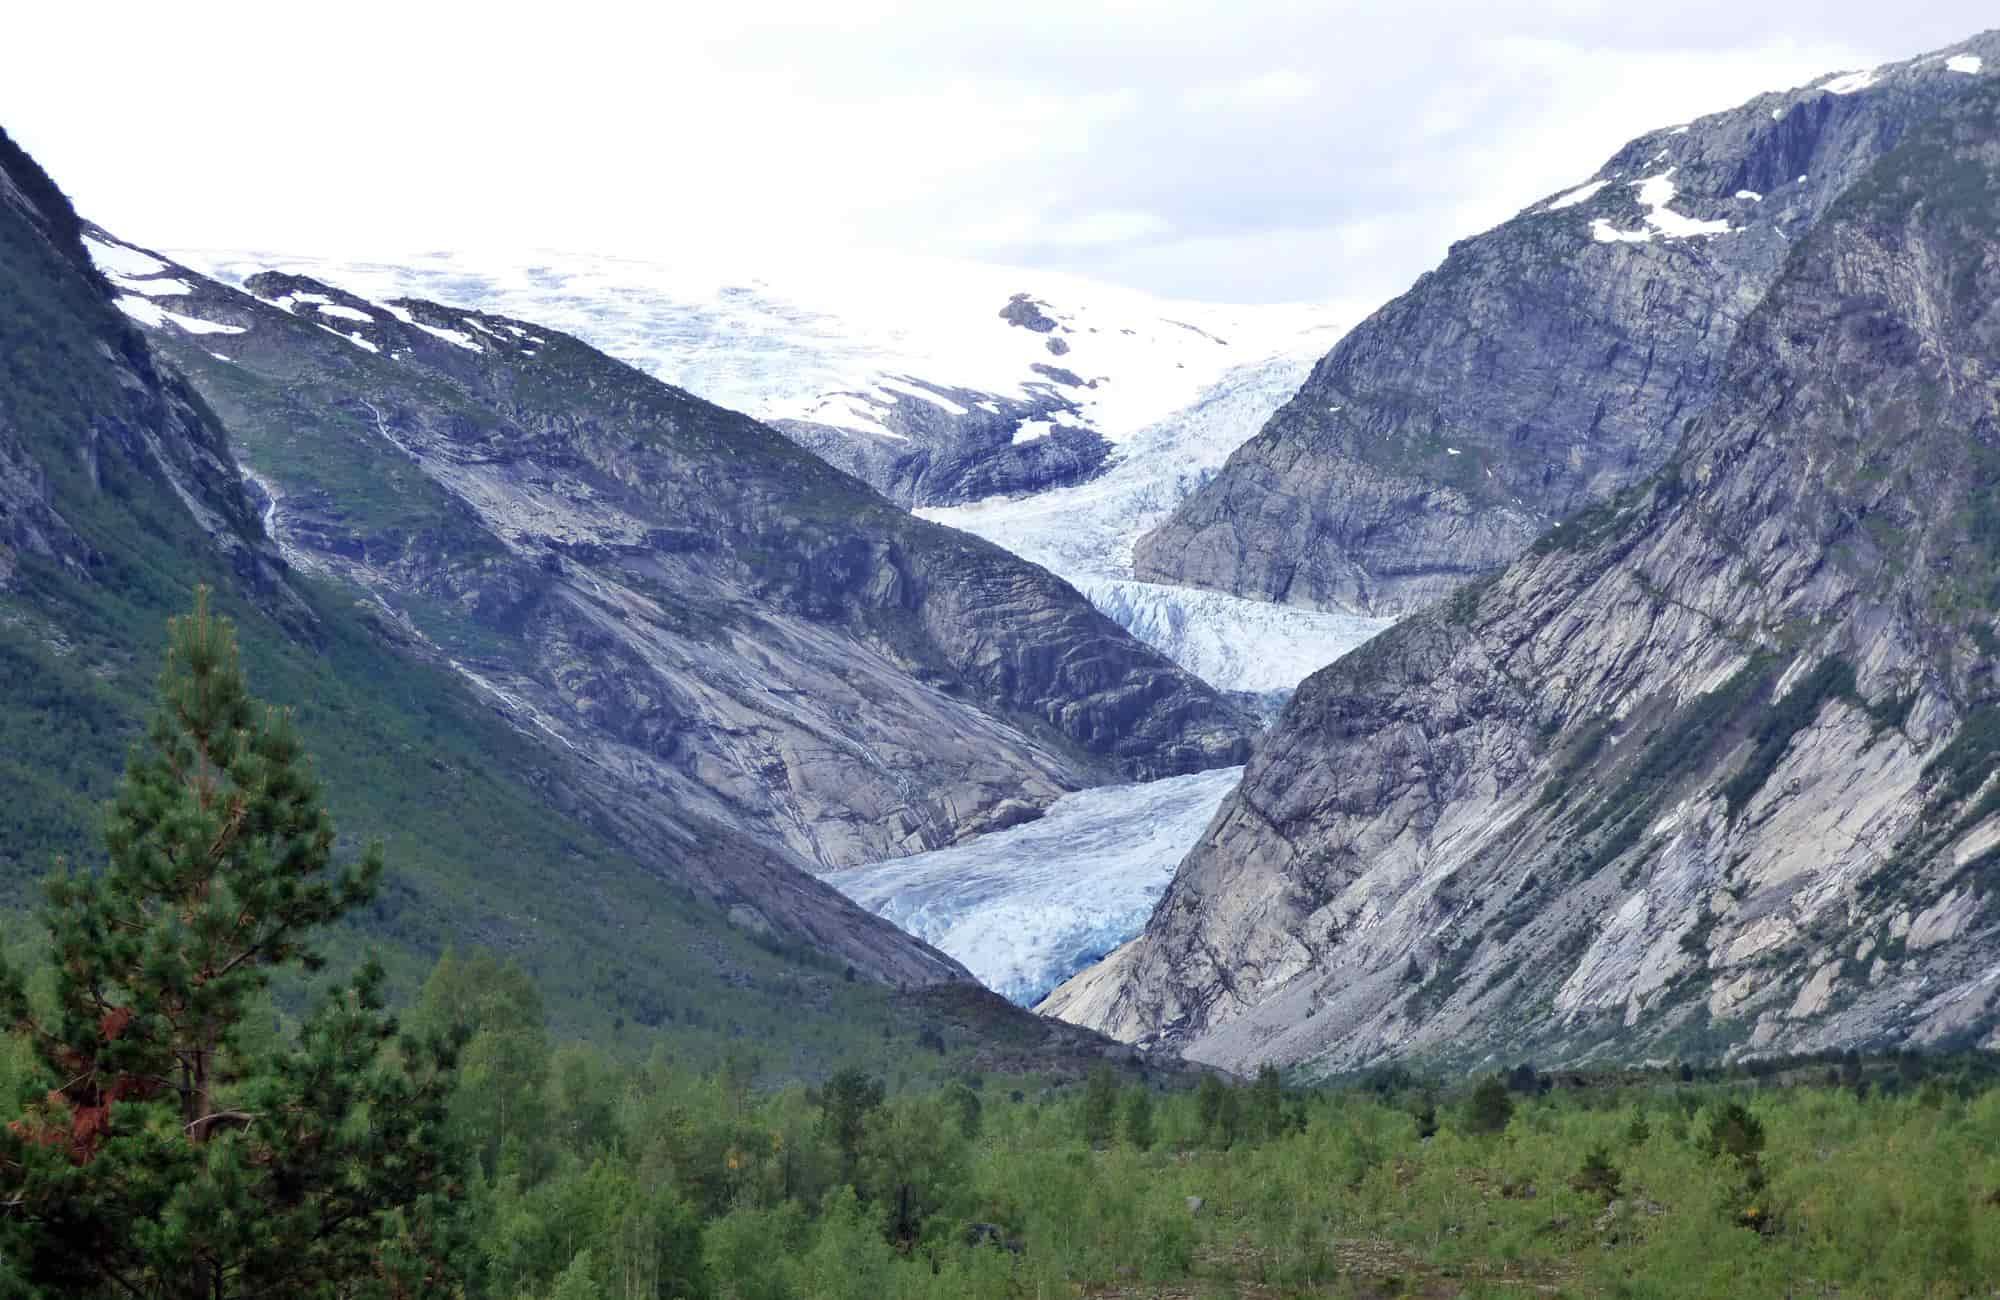 Voyage en Norvège - Glacier de Jostedal - Amplitudes